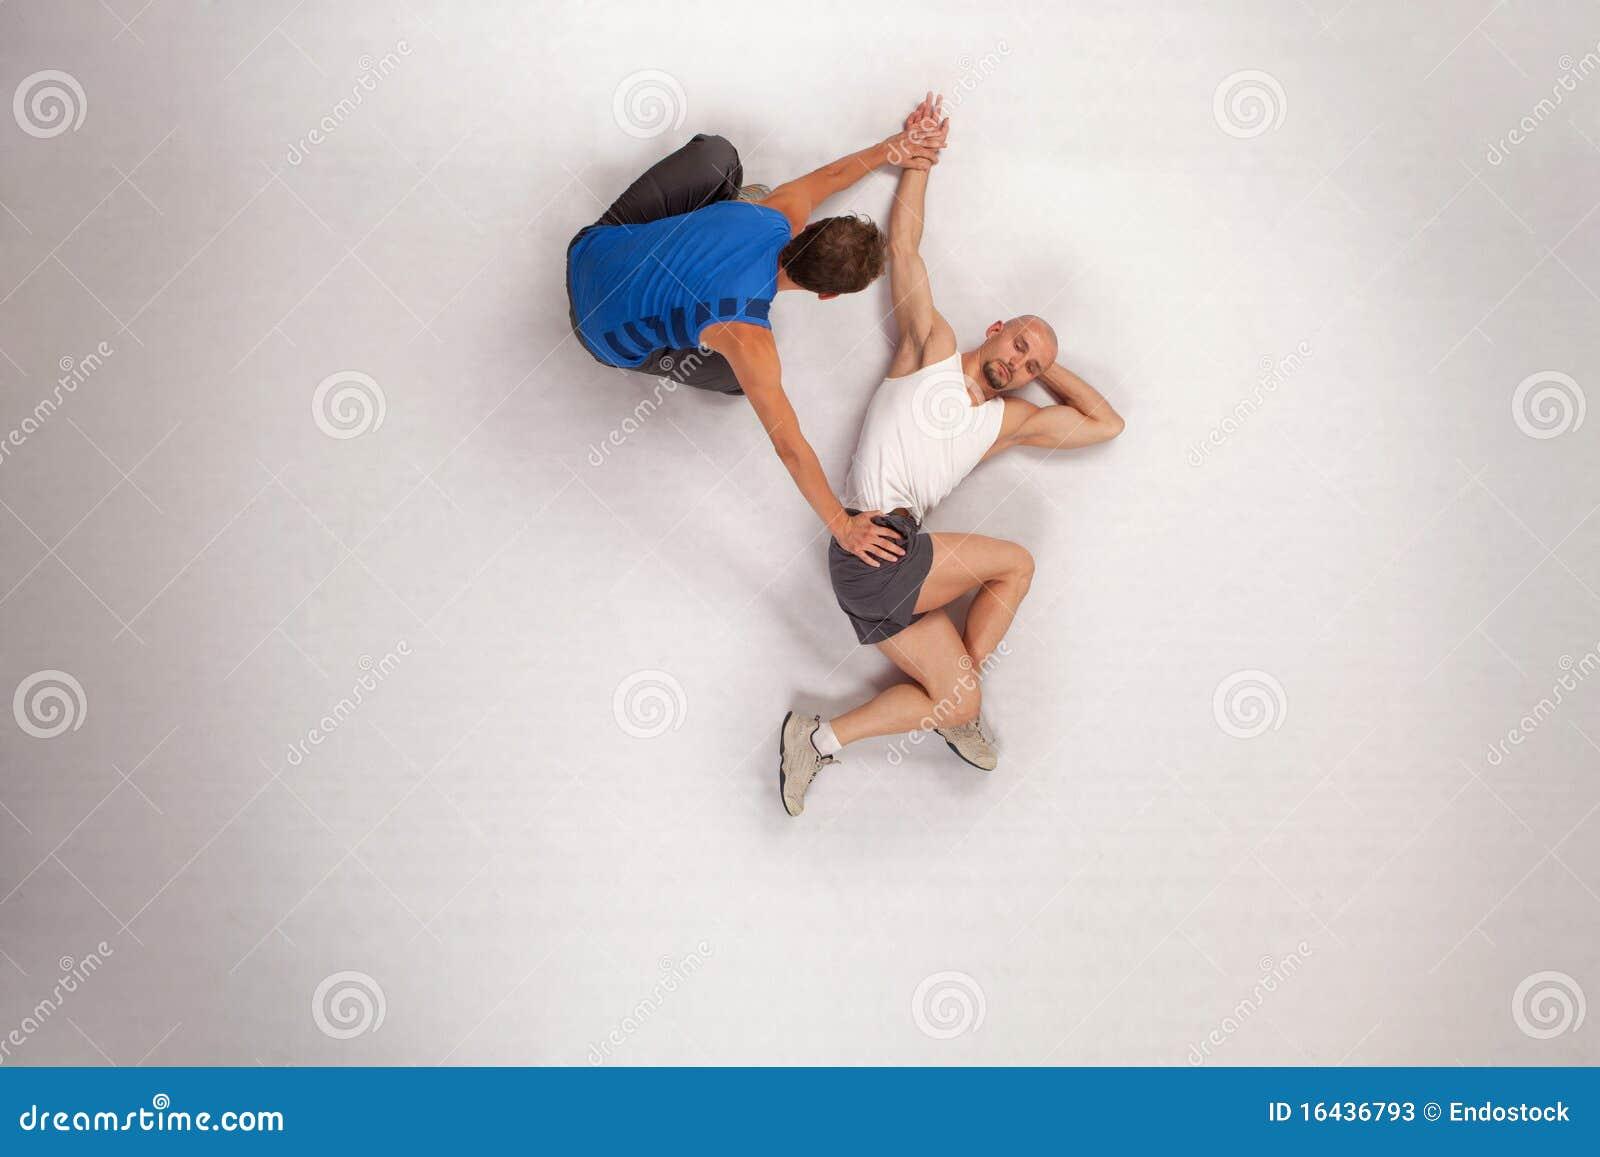 Athletischer Mann, der mit persönlichem Kursleiter streching ist